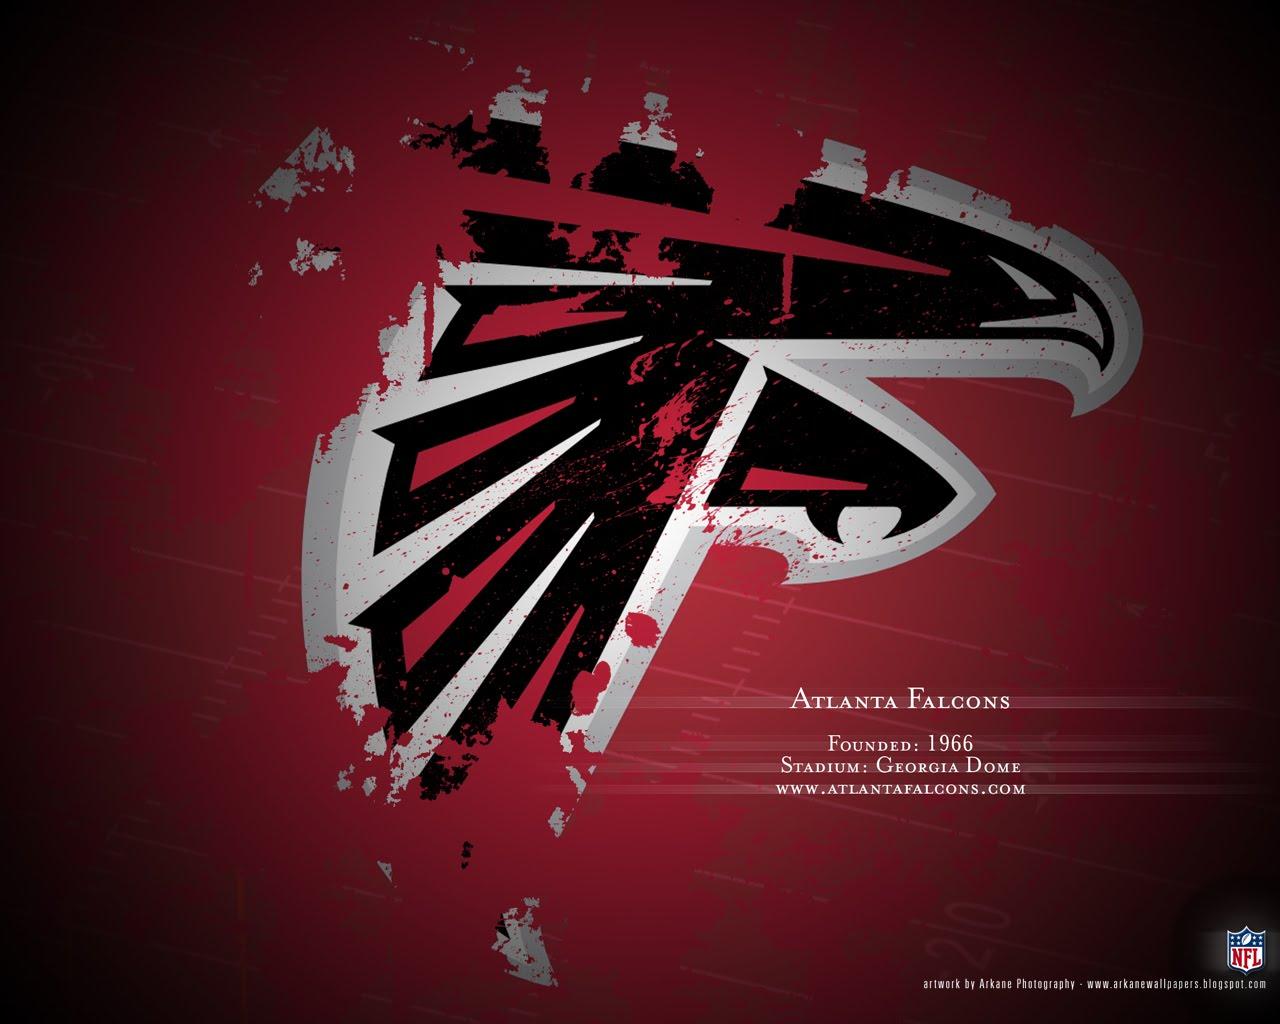 http://4.bp.blogspot.com/_JuYYGgmnUQU/Swb82JC79SI/AAAAAAAAAgY/lmJqCqJyYkA/s1600/Falconsprofile.jpeg